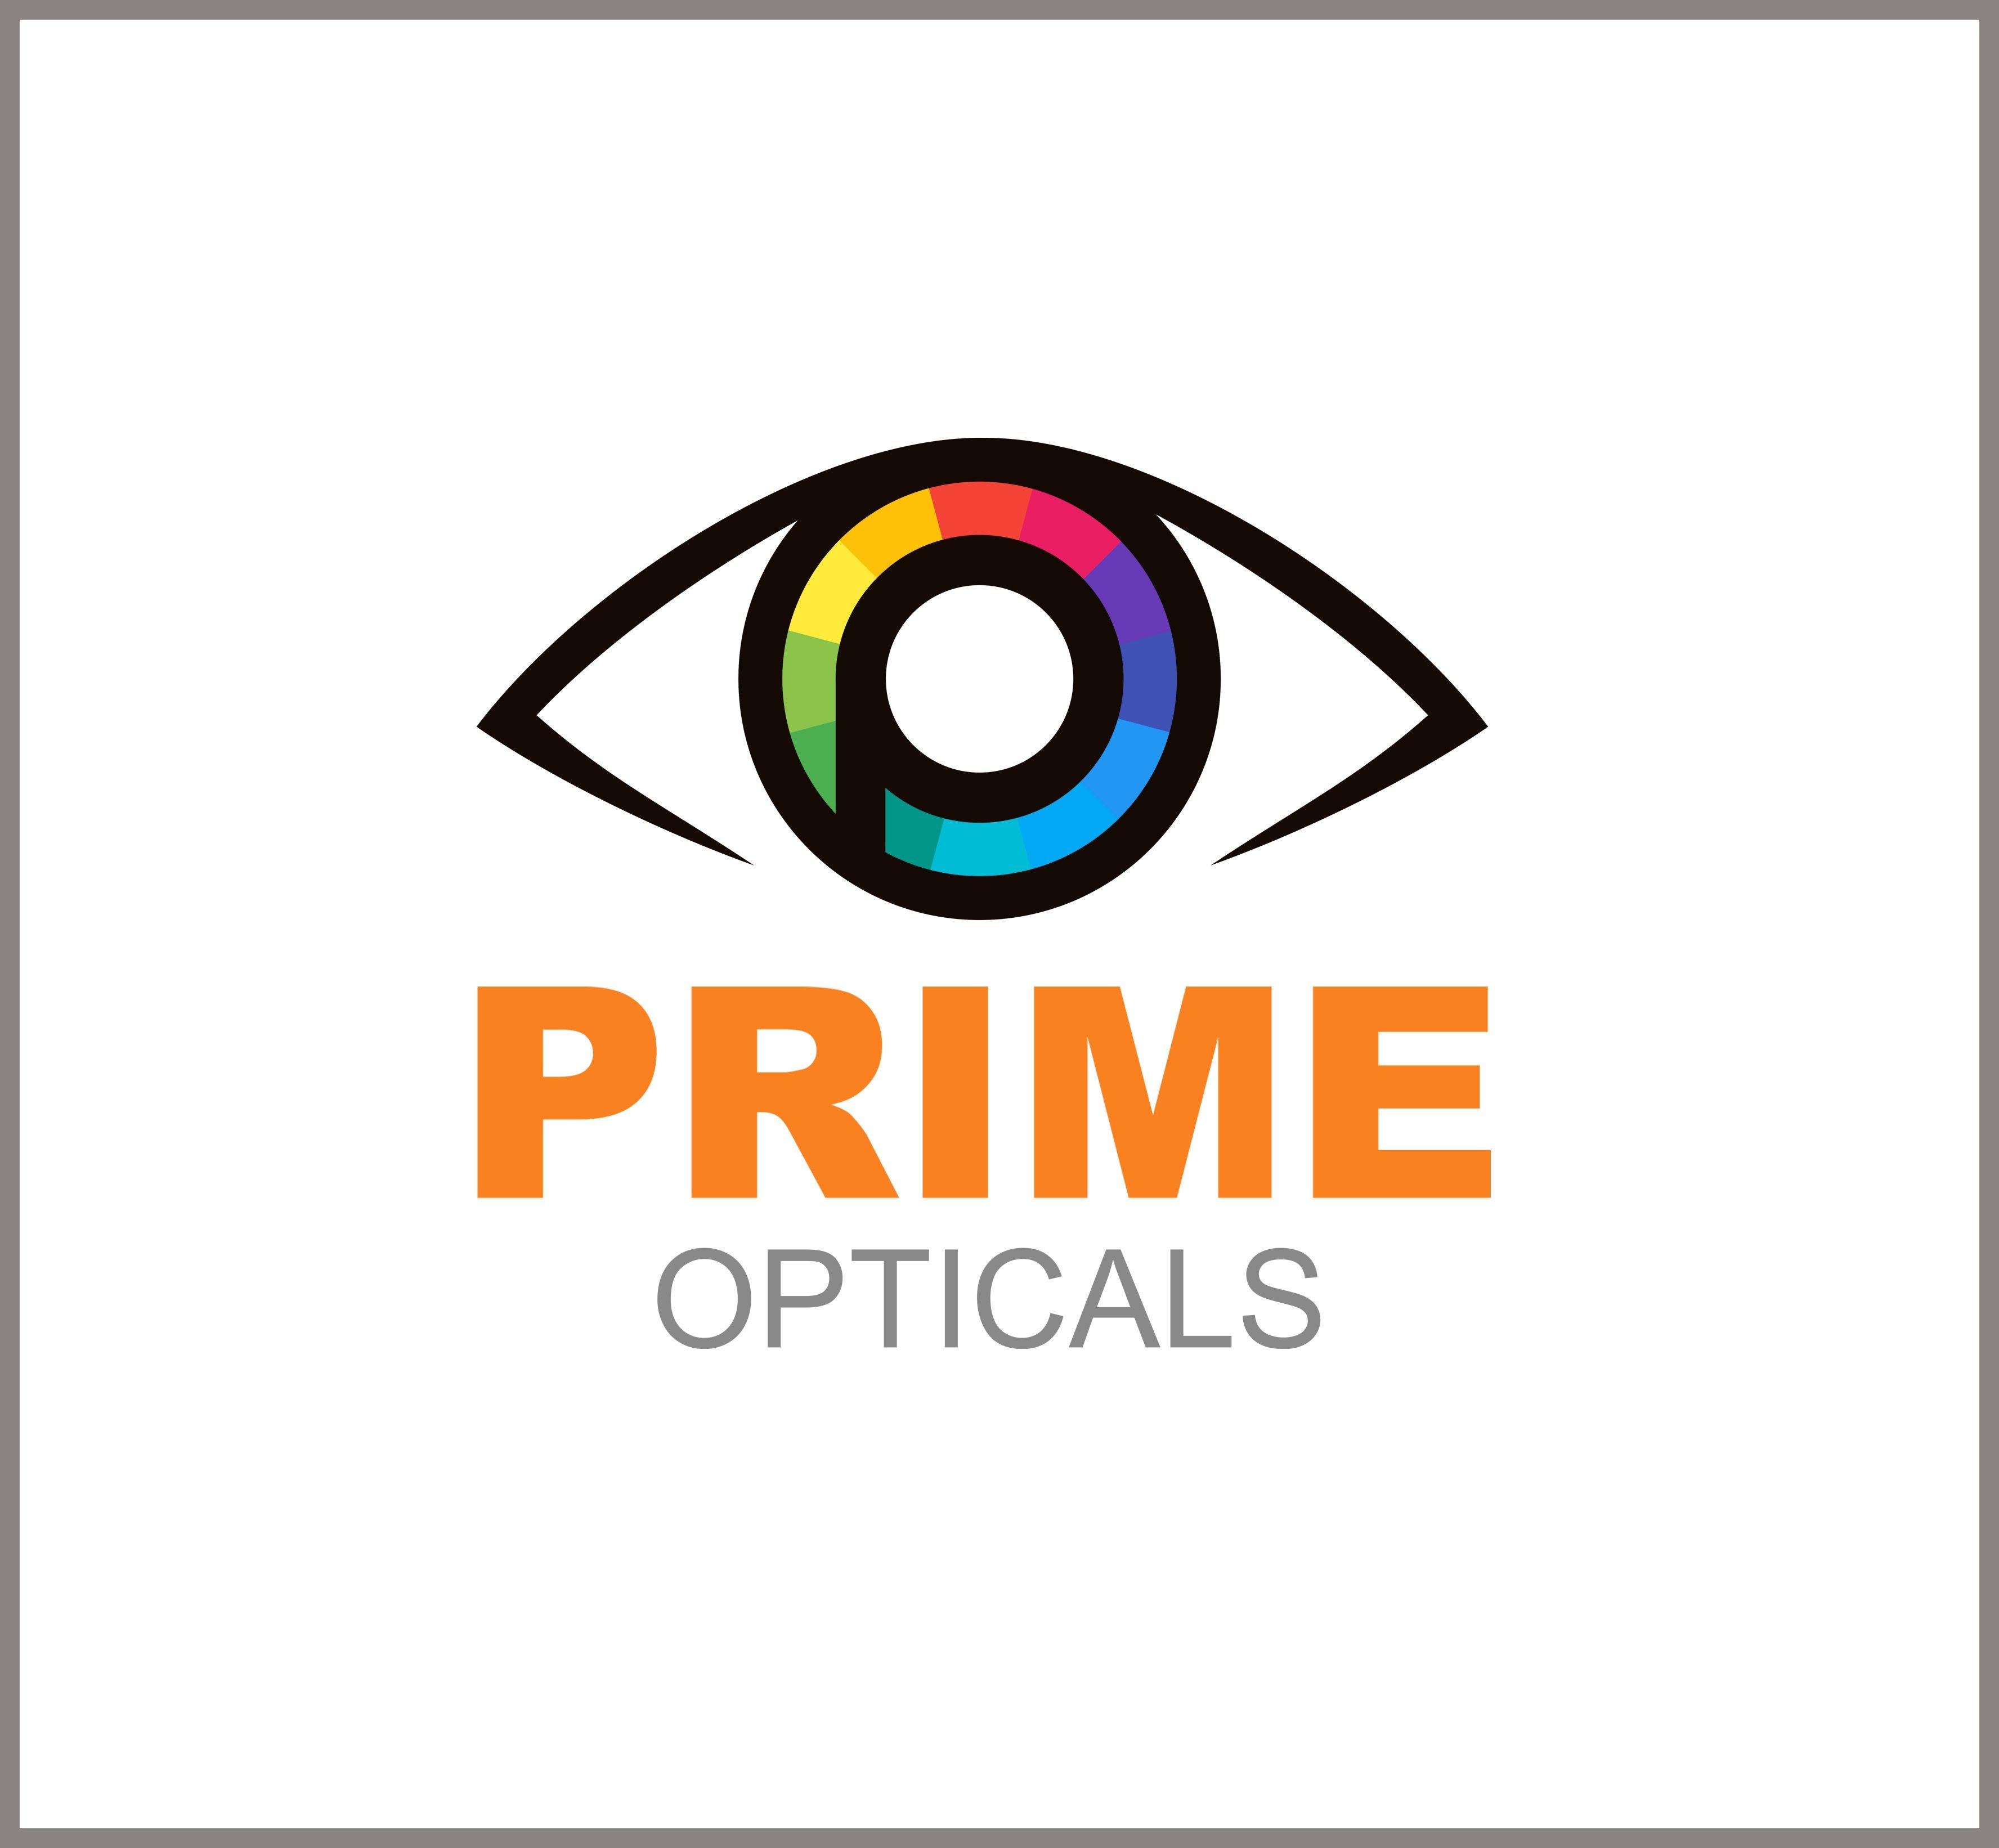 New #logo designed for #primeopticals  Thank you for entrusting us